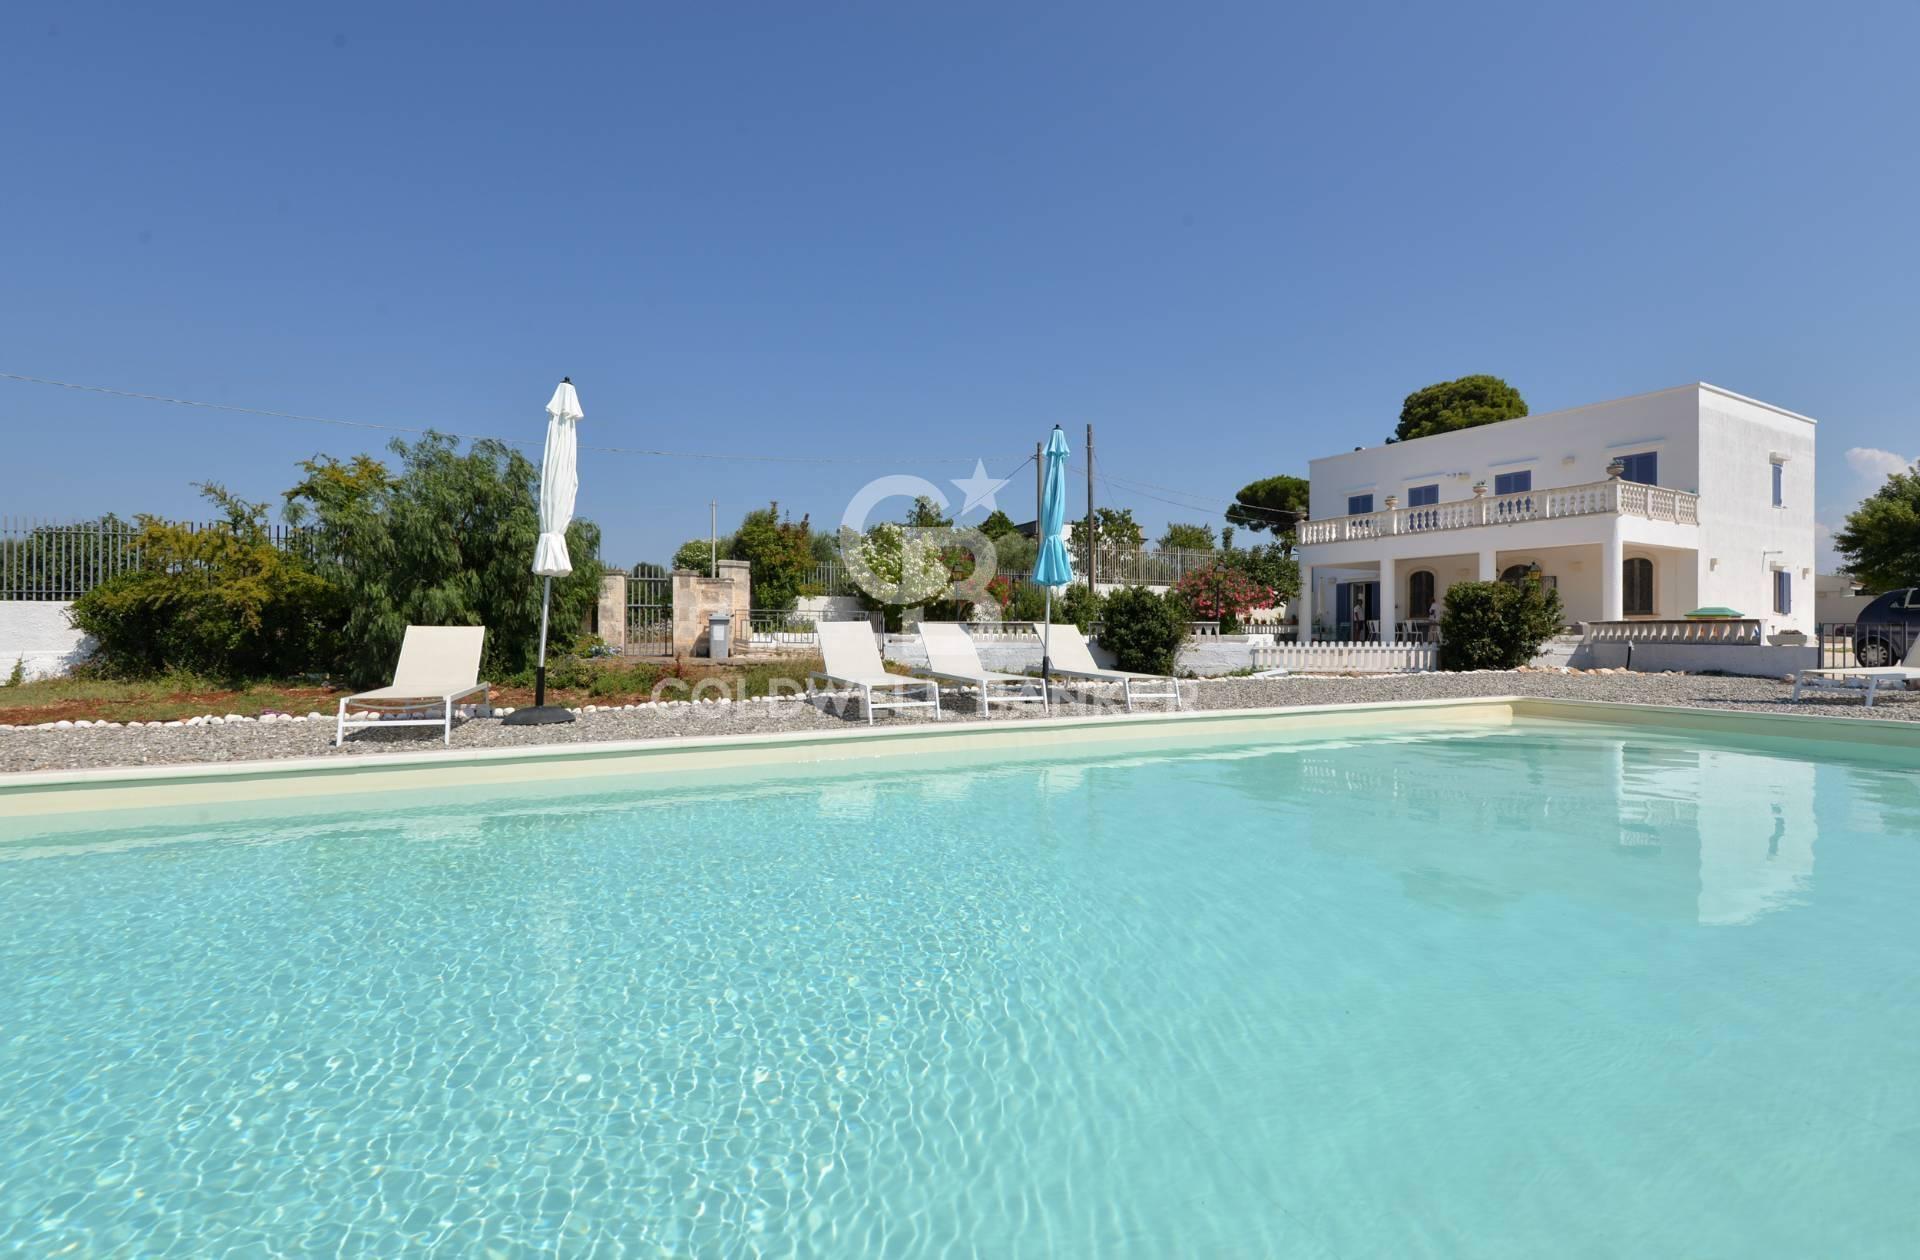 Appartamento in vendita a Ostuni, 15 locali, prezzo € 770.000 | CambioCasa.it